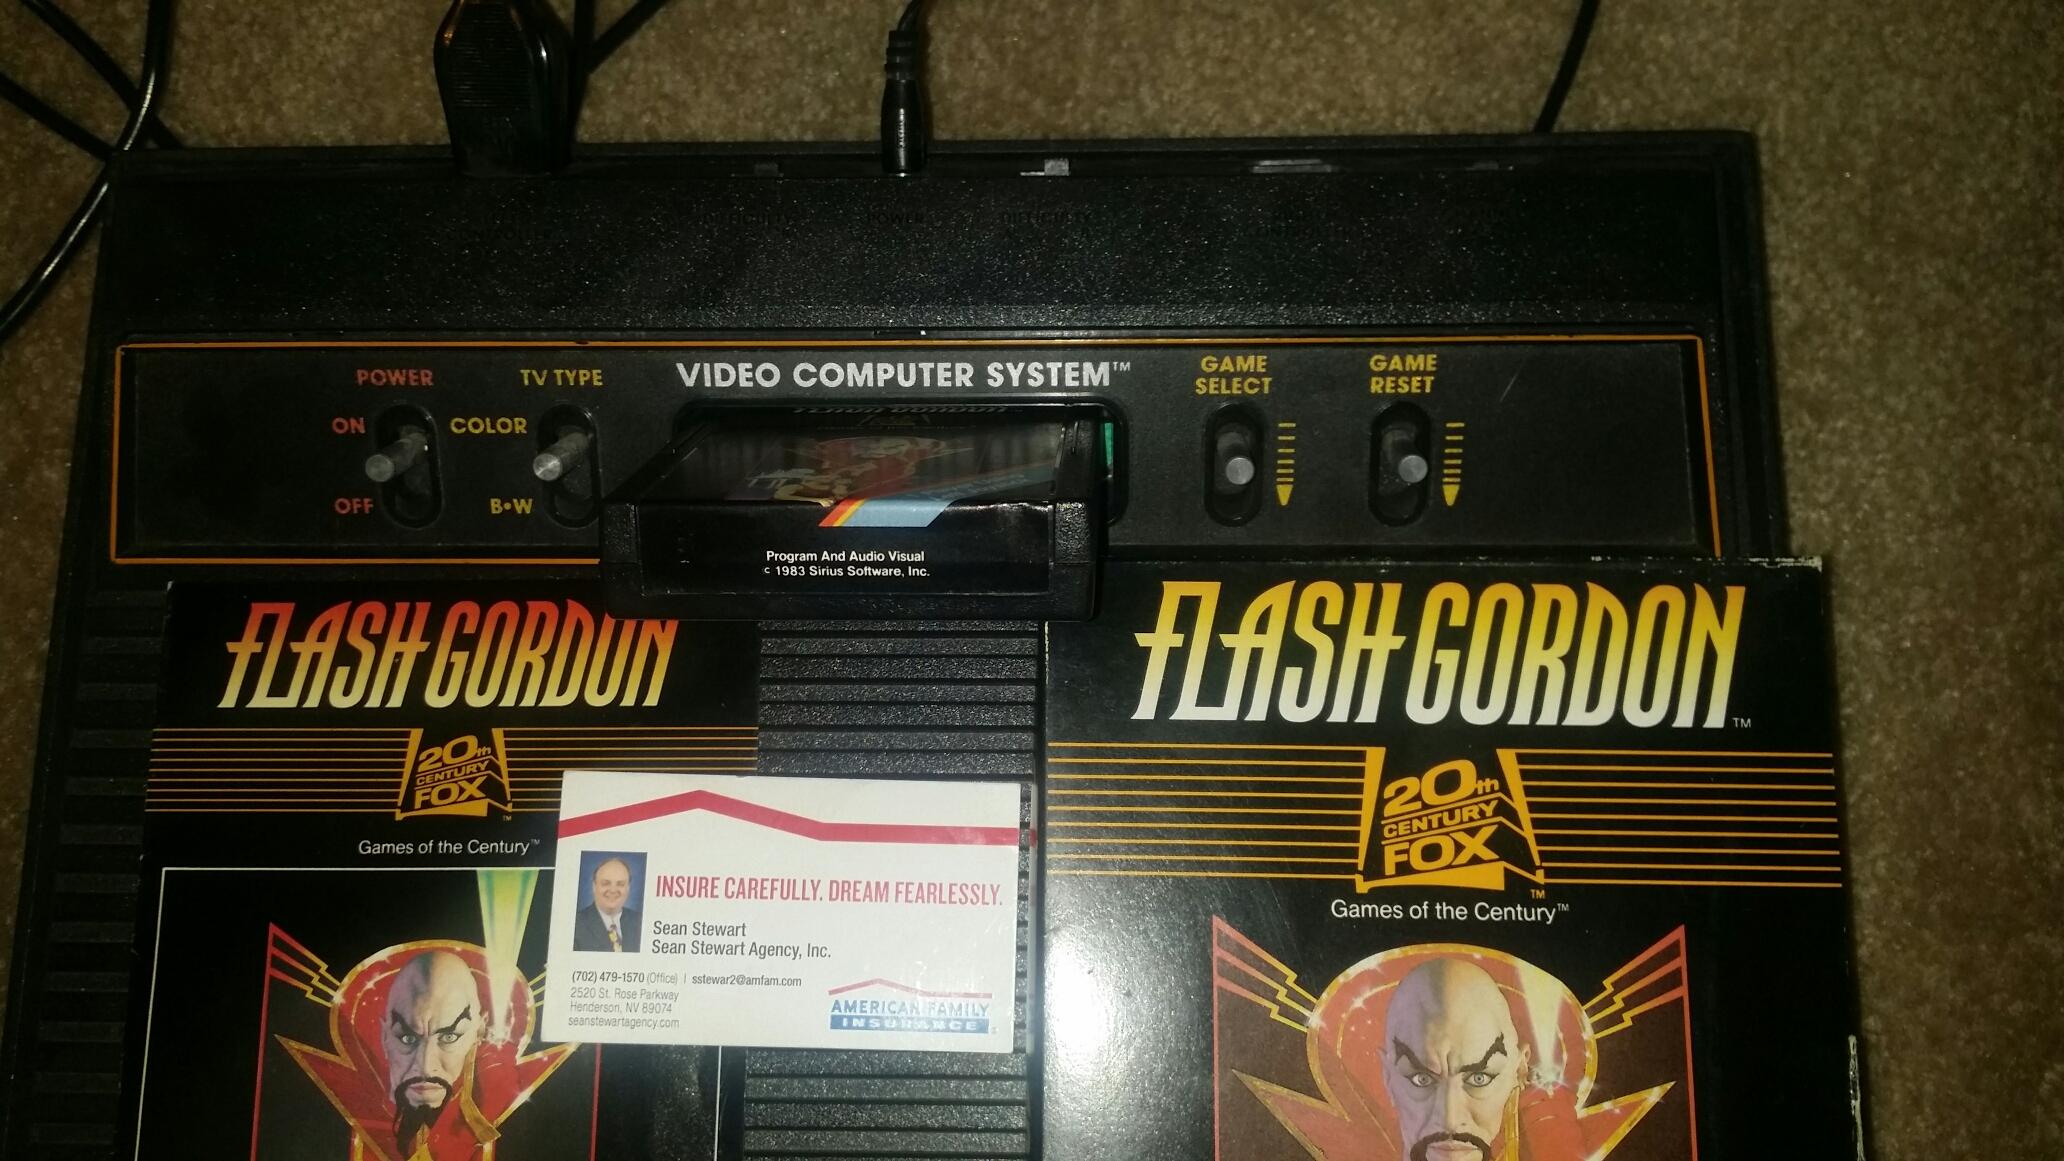 Flash Gordon 173,150 points